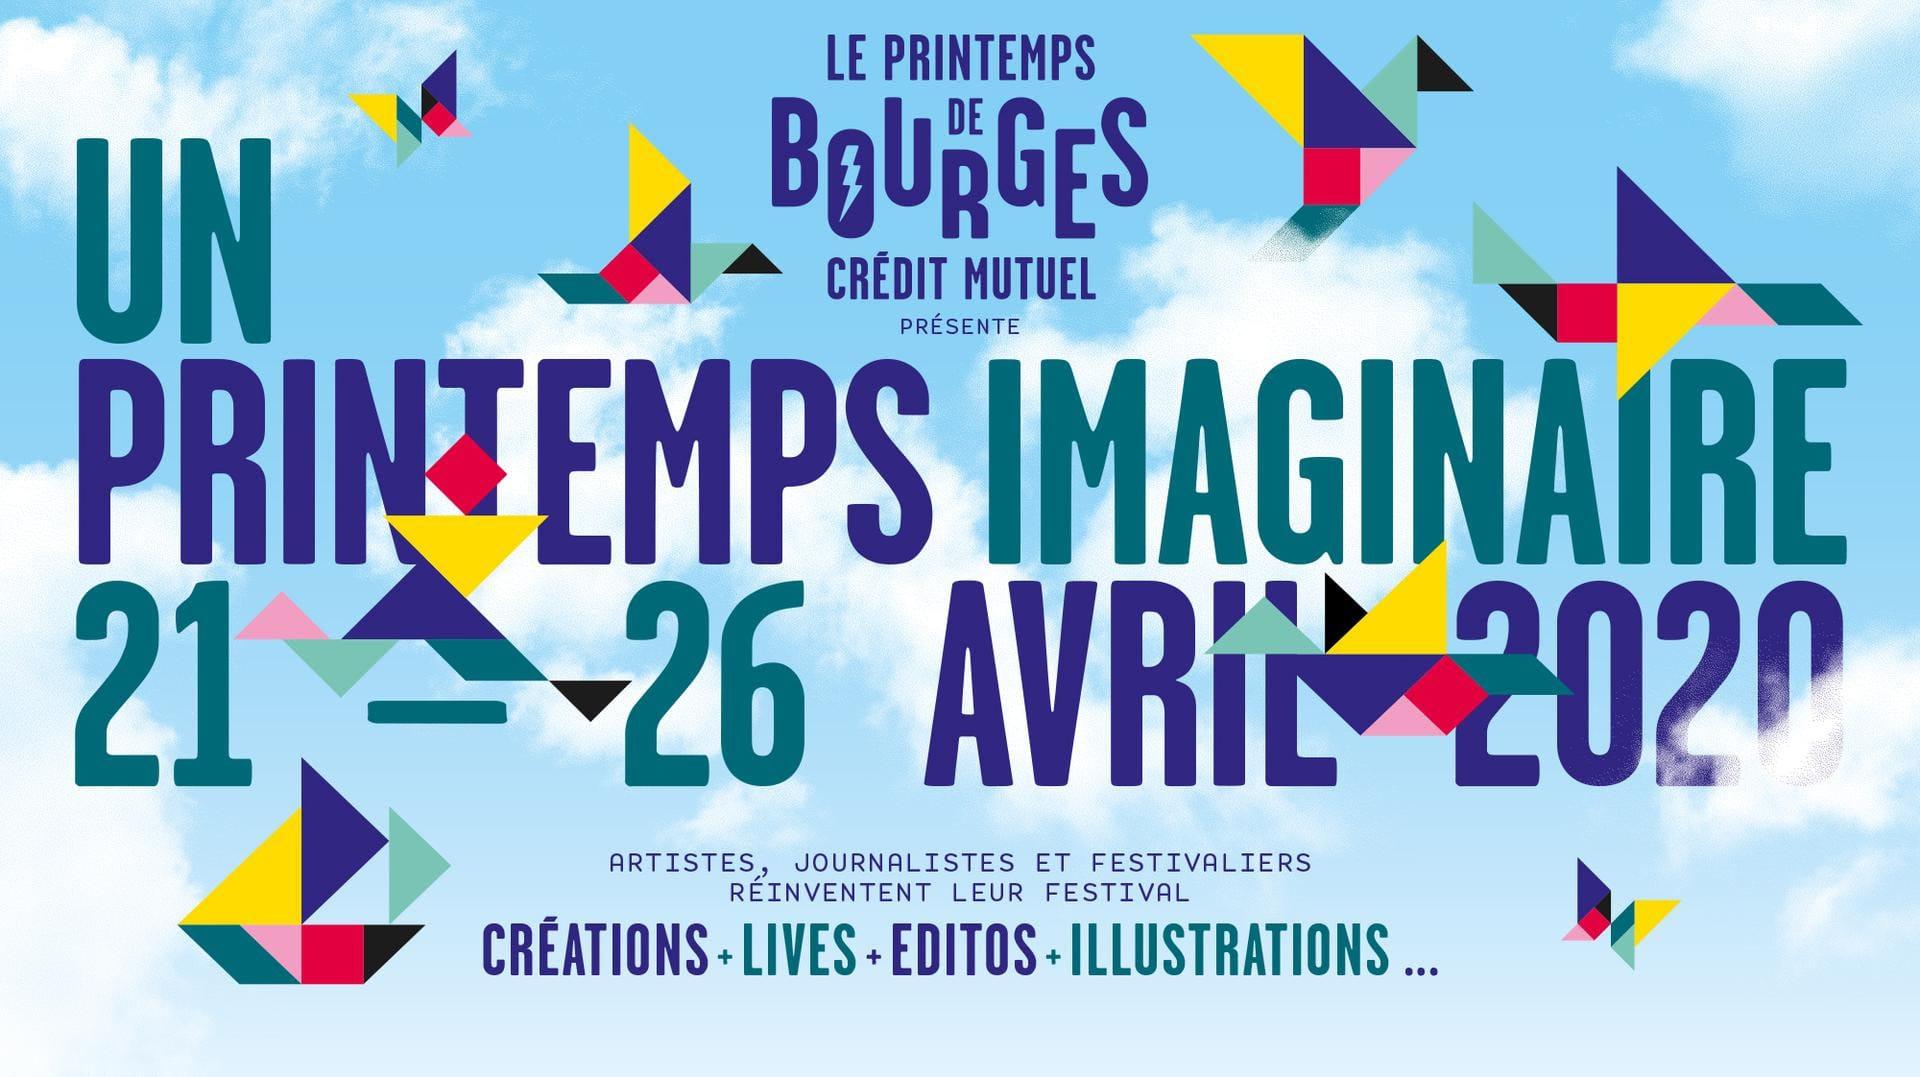 Le Printemps de Bourges présente Un Printemps Imaginaire affiche festival musique